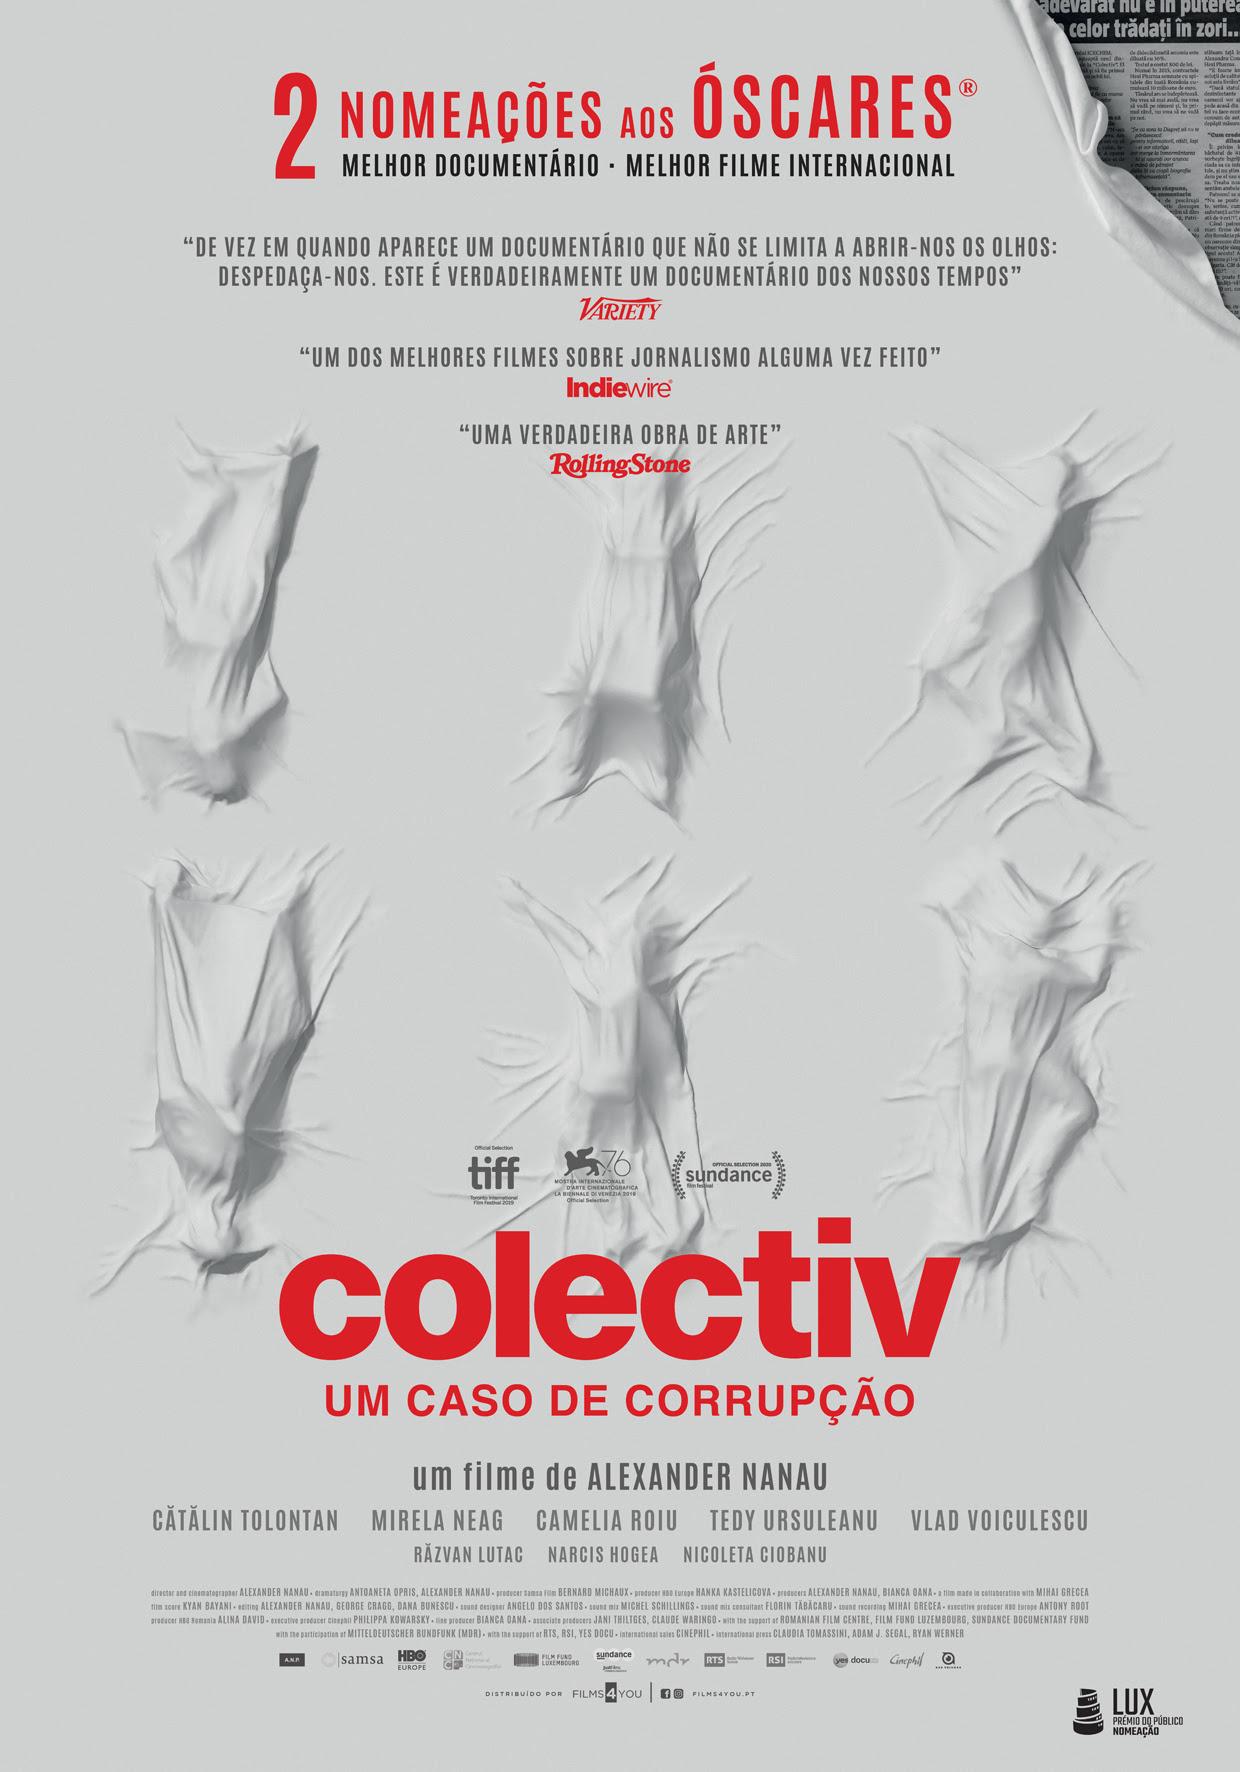 COLECTIV – UM CASO DE CORRUPÇÃO